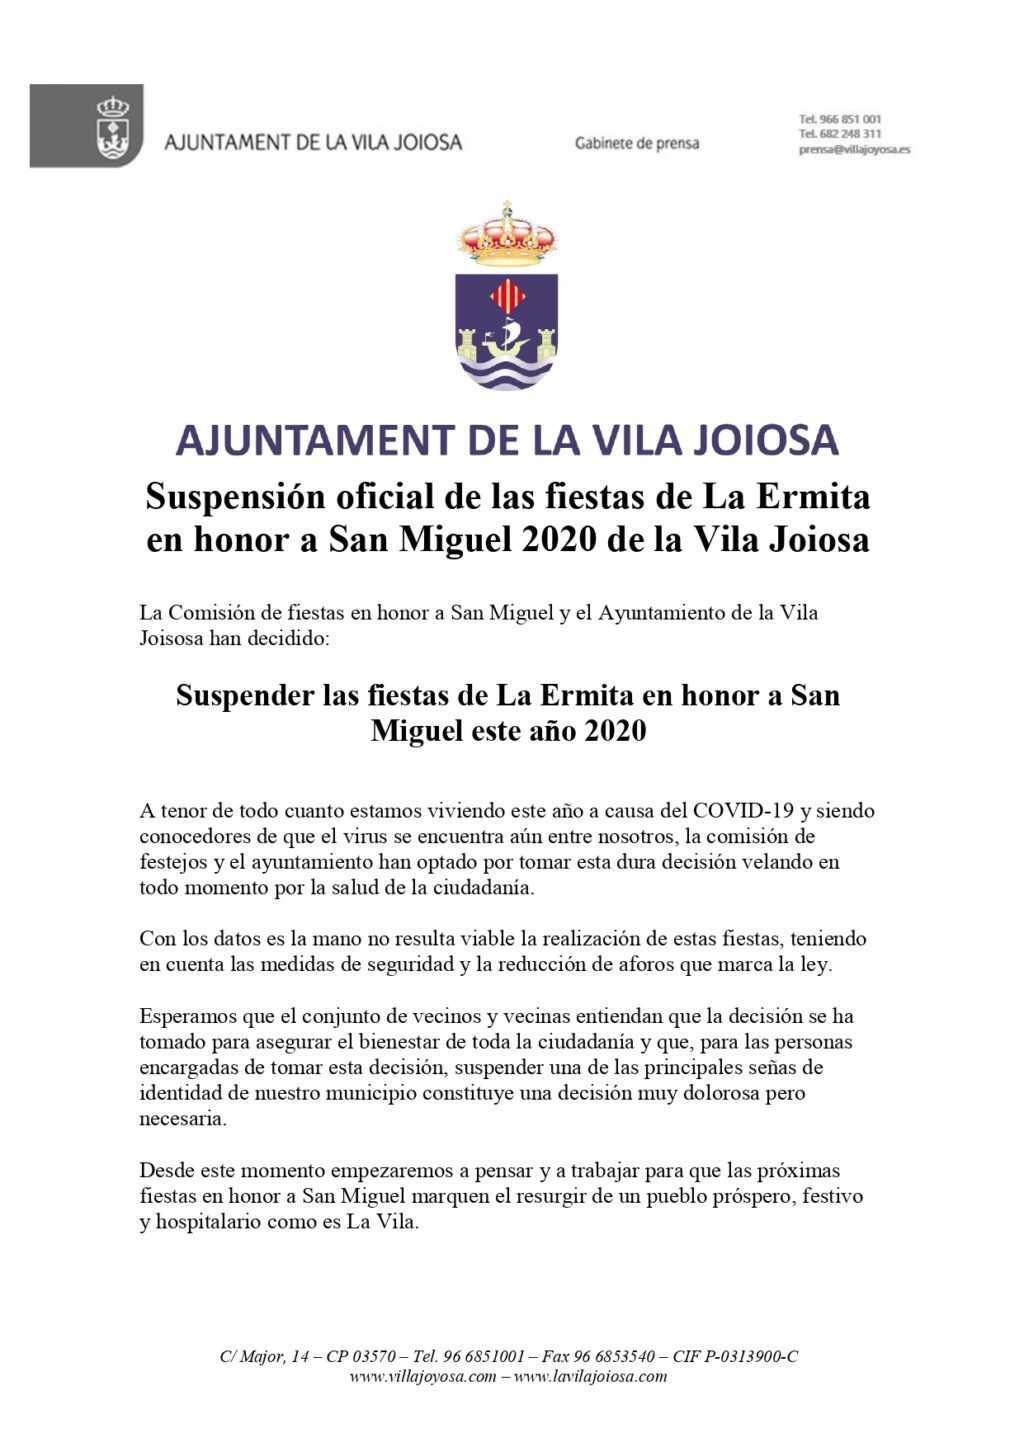 Suspensión oficial de las fiestas de La Ermita en honor a San Miguel 2020 de la Vila Joiosa